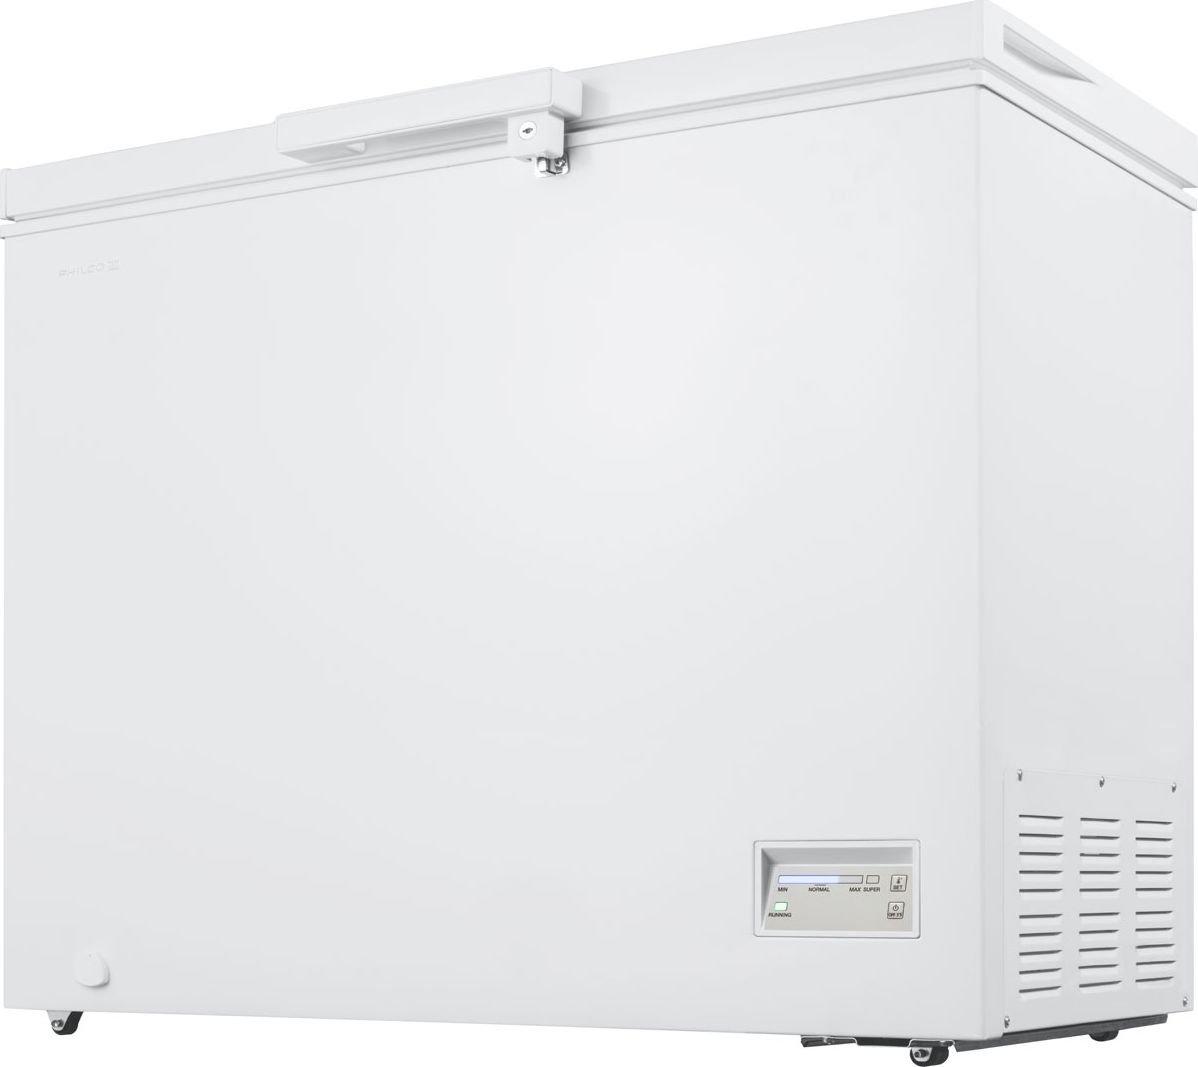 Zamrazarka skrzyniowa Philco PCF 3802 i 40040183 Horizontālā saldētava